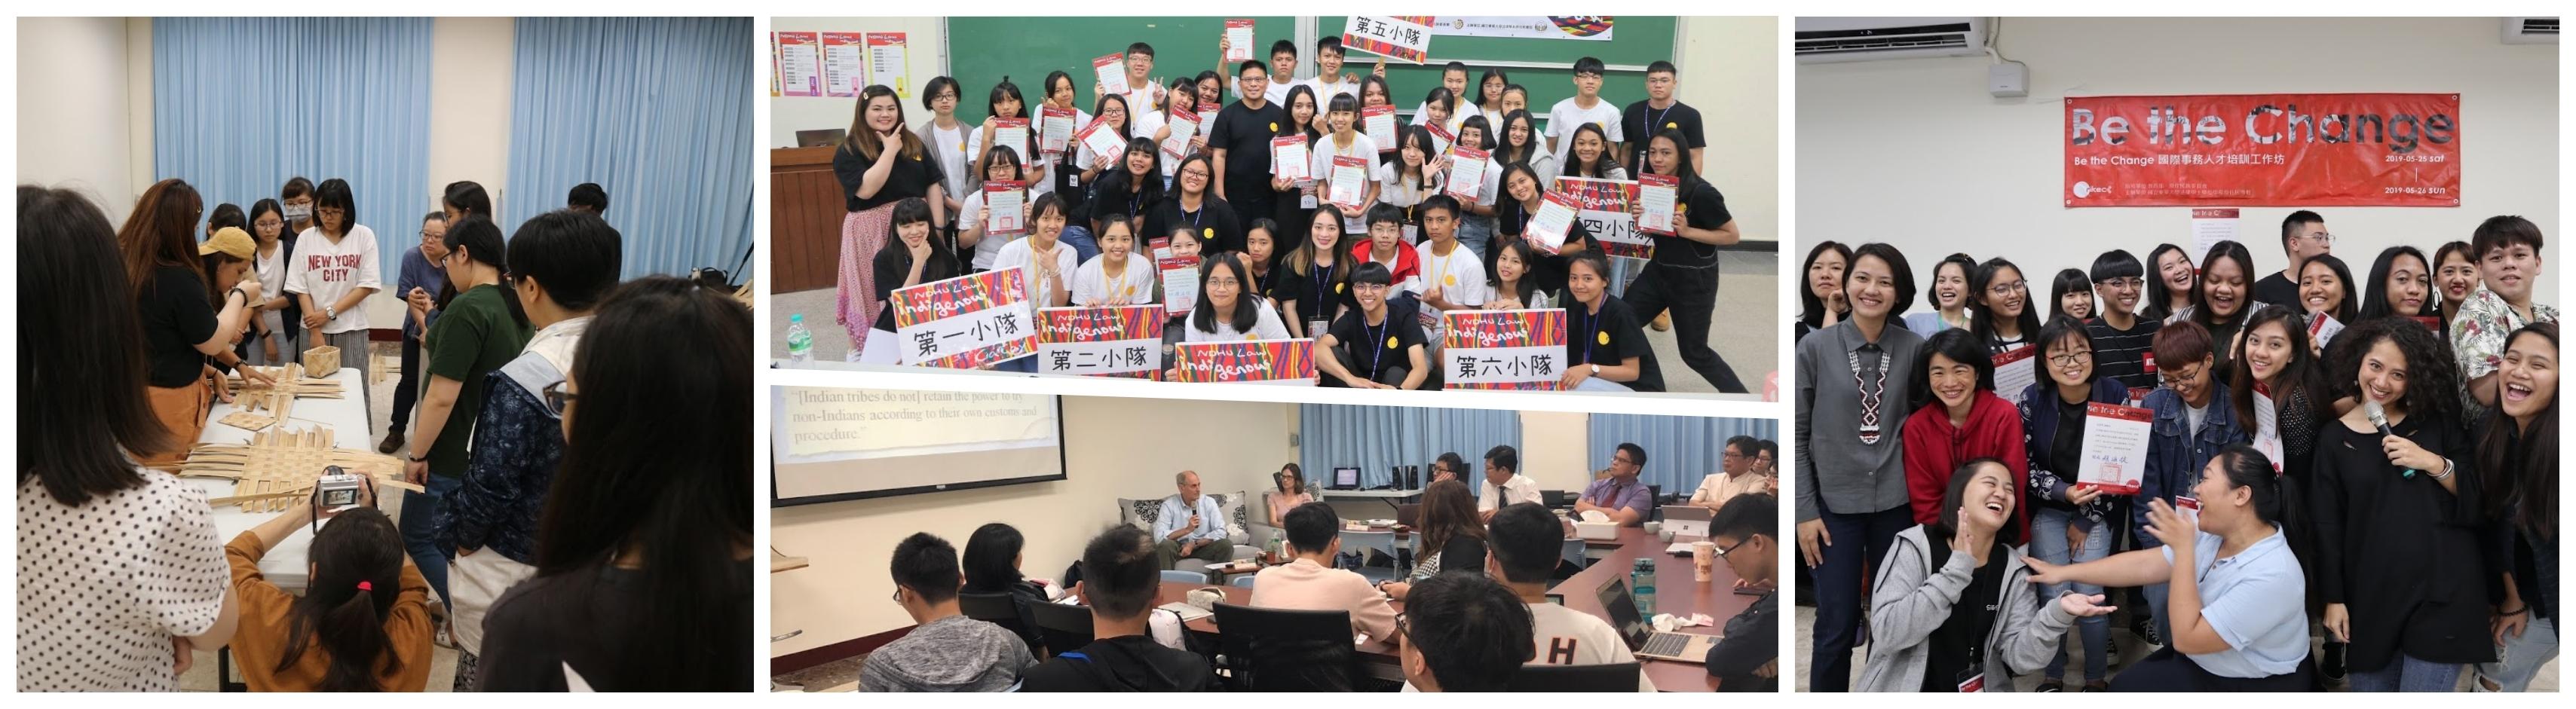 財經法律研究所暨法律學系(原法律學士學位學程)107學年度第2學期重點活動